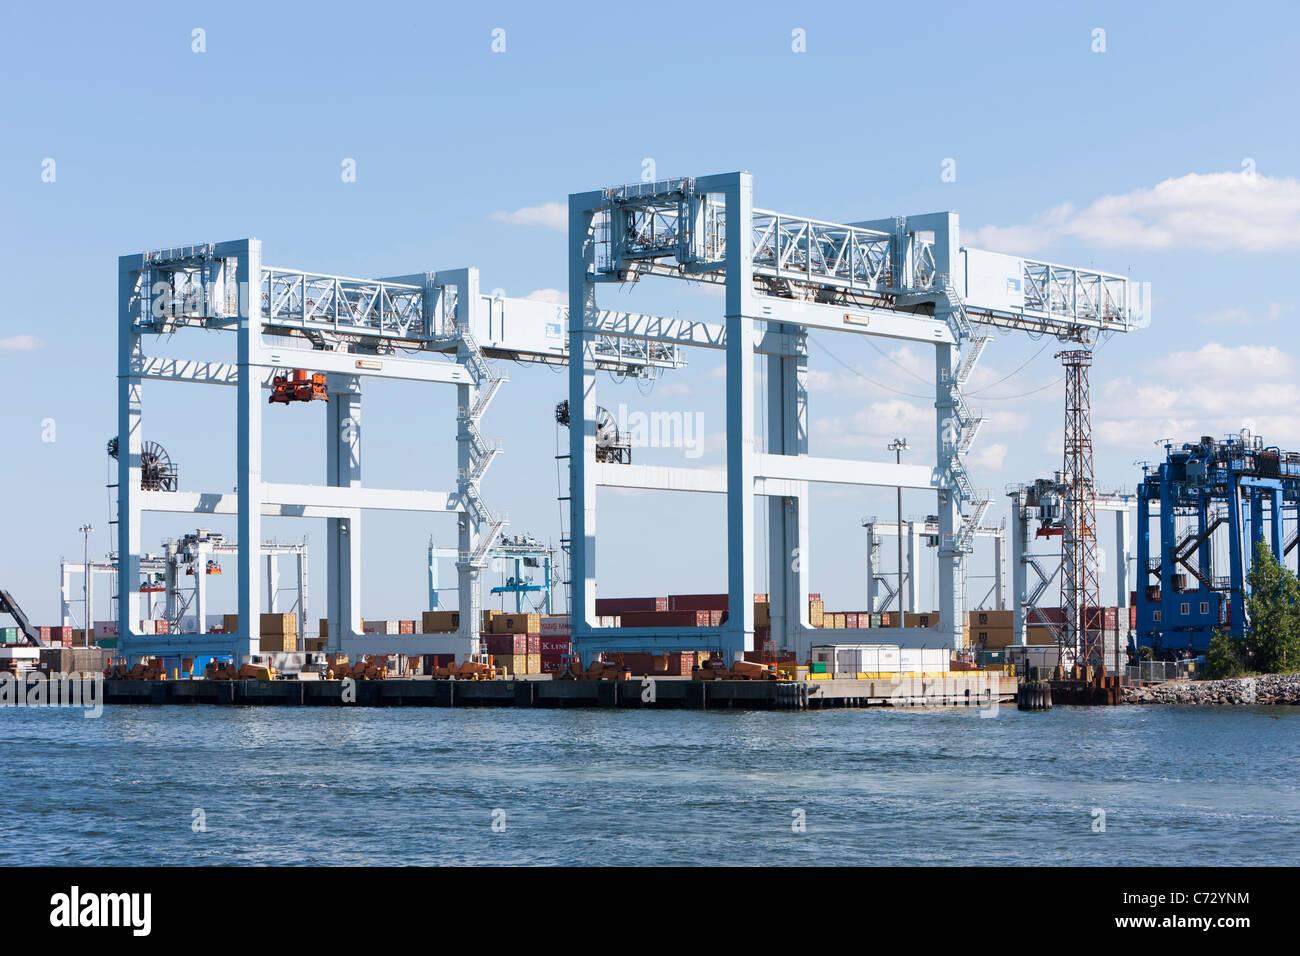 Grúas Portainer 1 y 2 de en el Massport Paul W. Conley Container Terminal, Boston, Massachusetts. Imagen De Stock